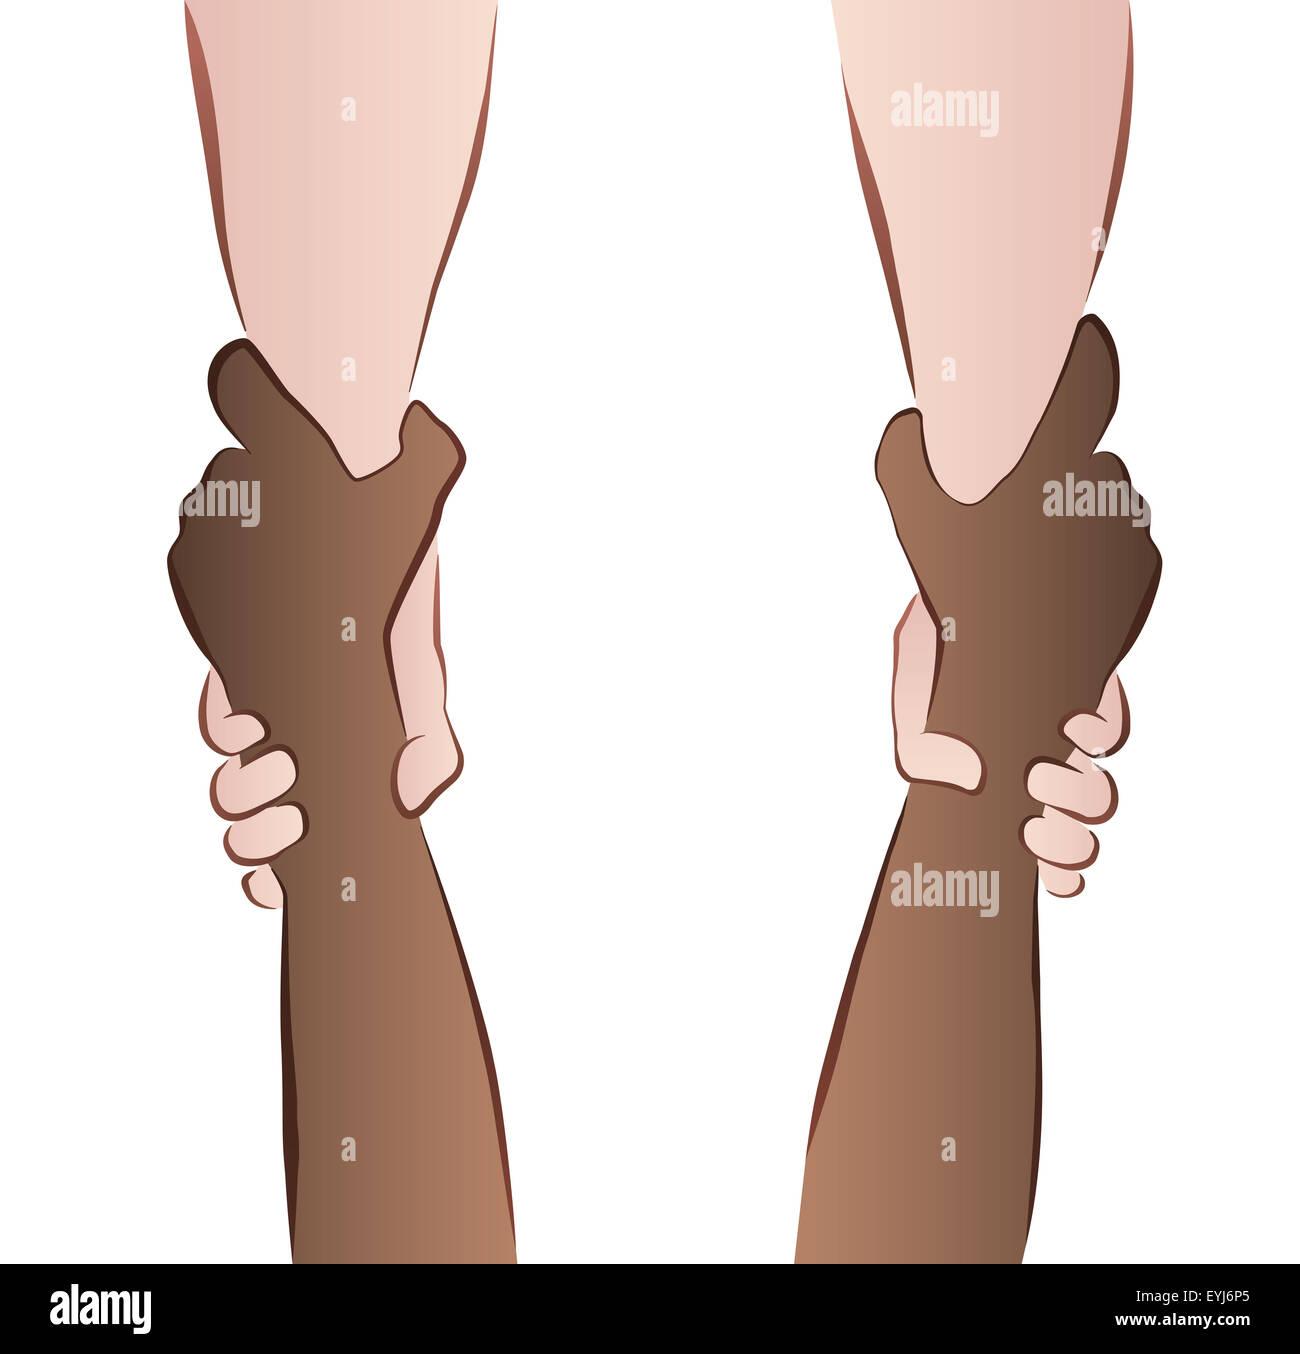 La coopération interraciale - enregistrement de mains - dégagement d'urgence. Illustration sur fond Photo Stock